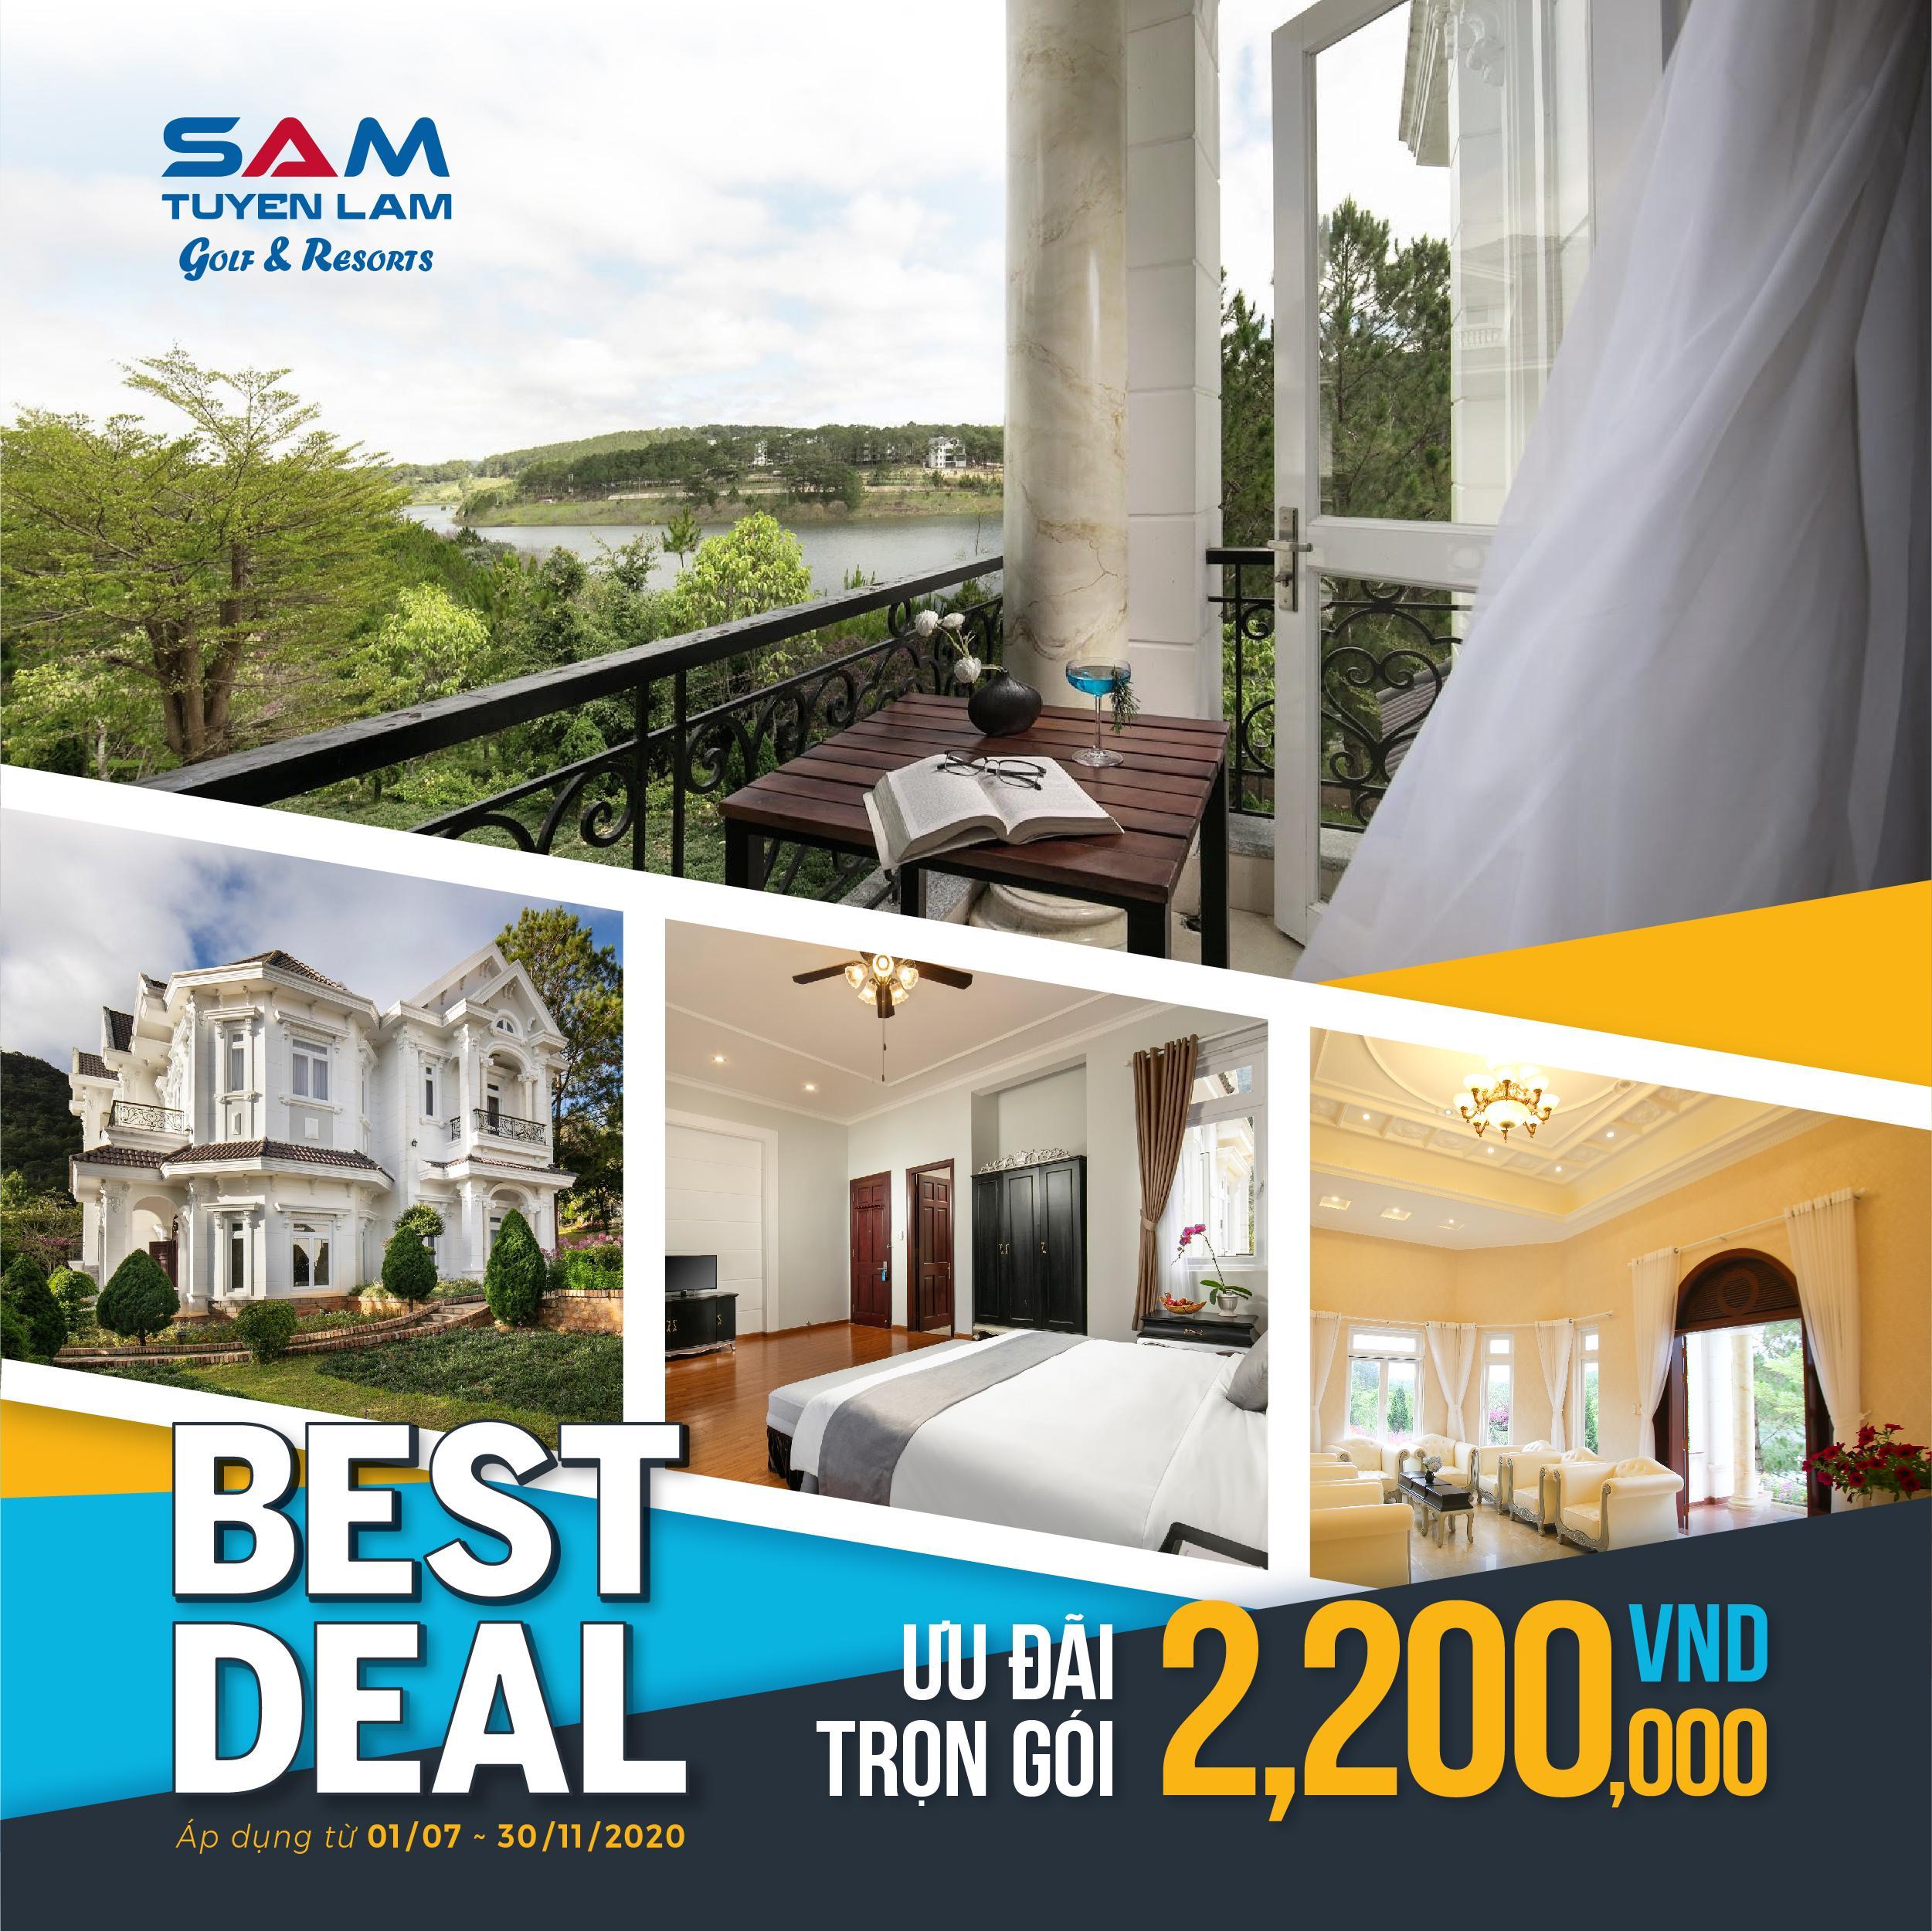 (Tiếng Việt) Best Deal 2020